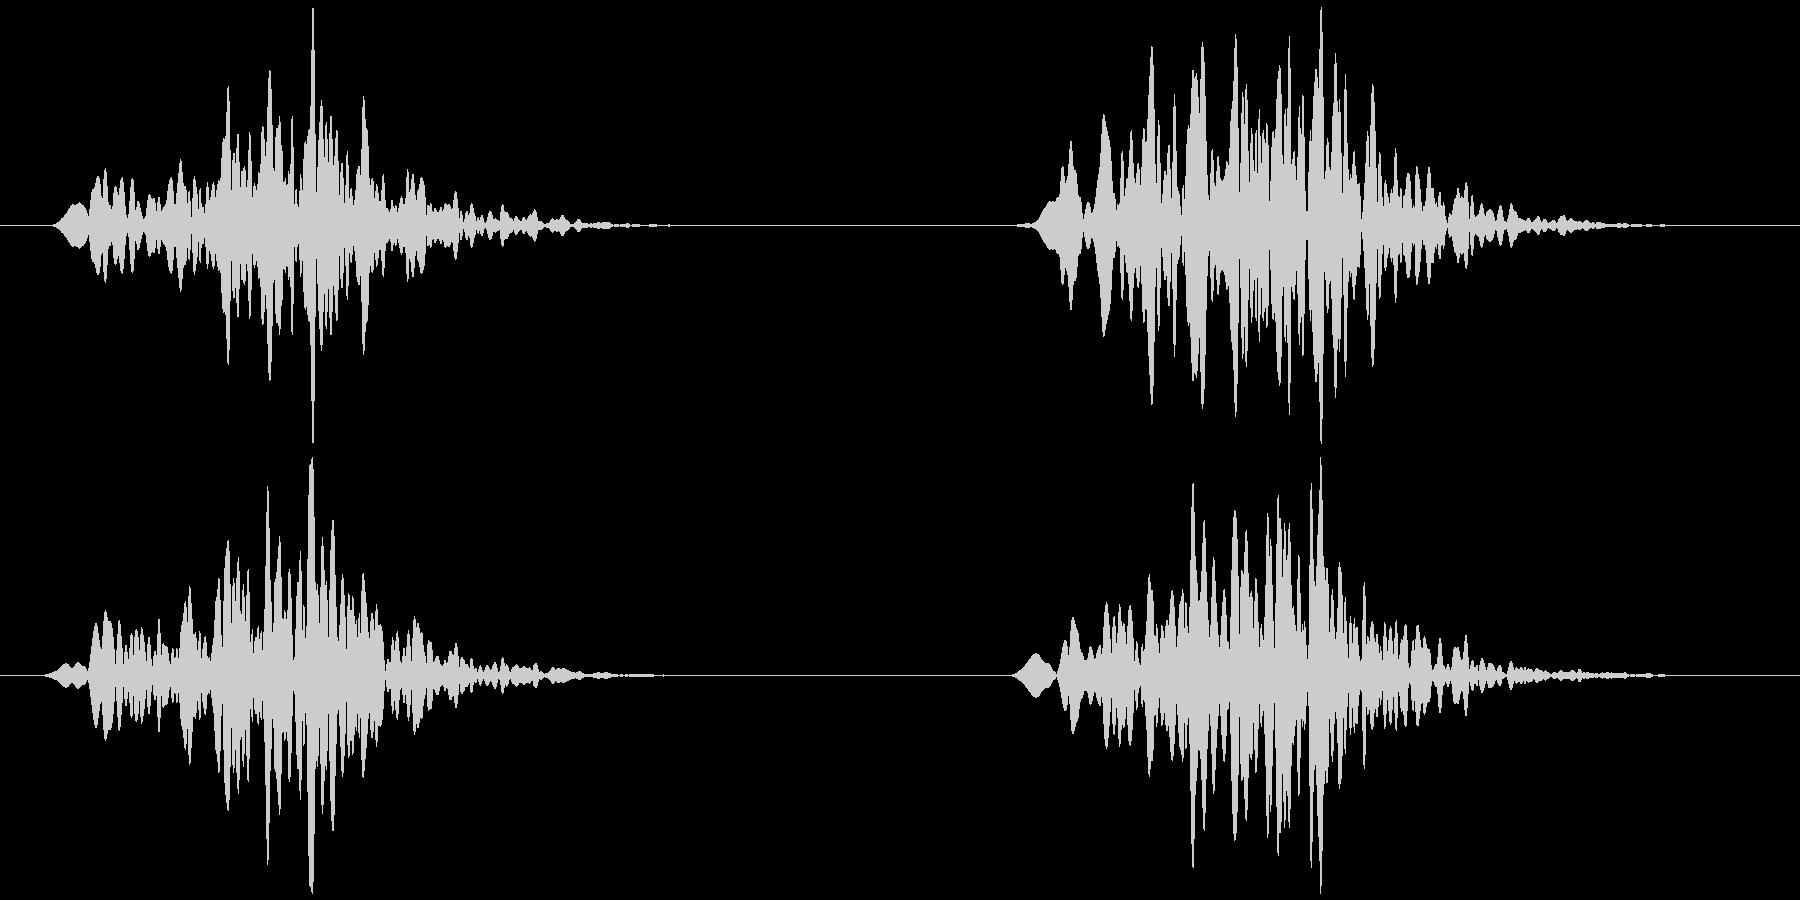 虫の鳴き声 架空/想像 ヒョロッヒョロッの未再生の波形